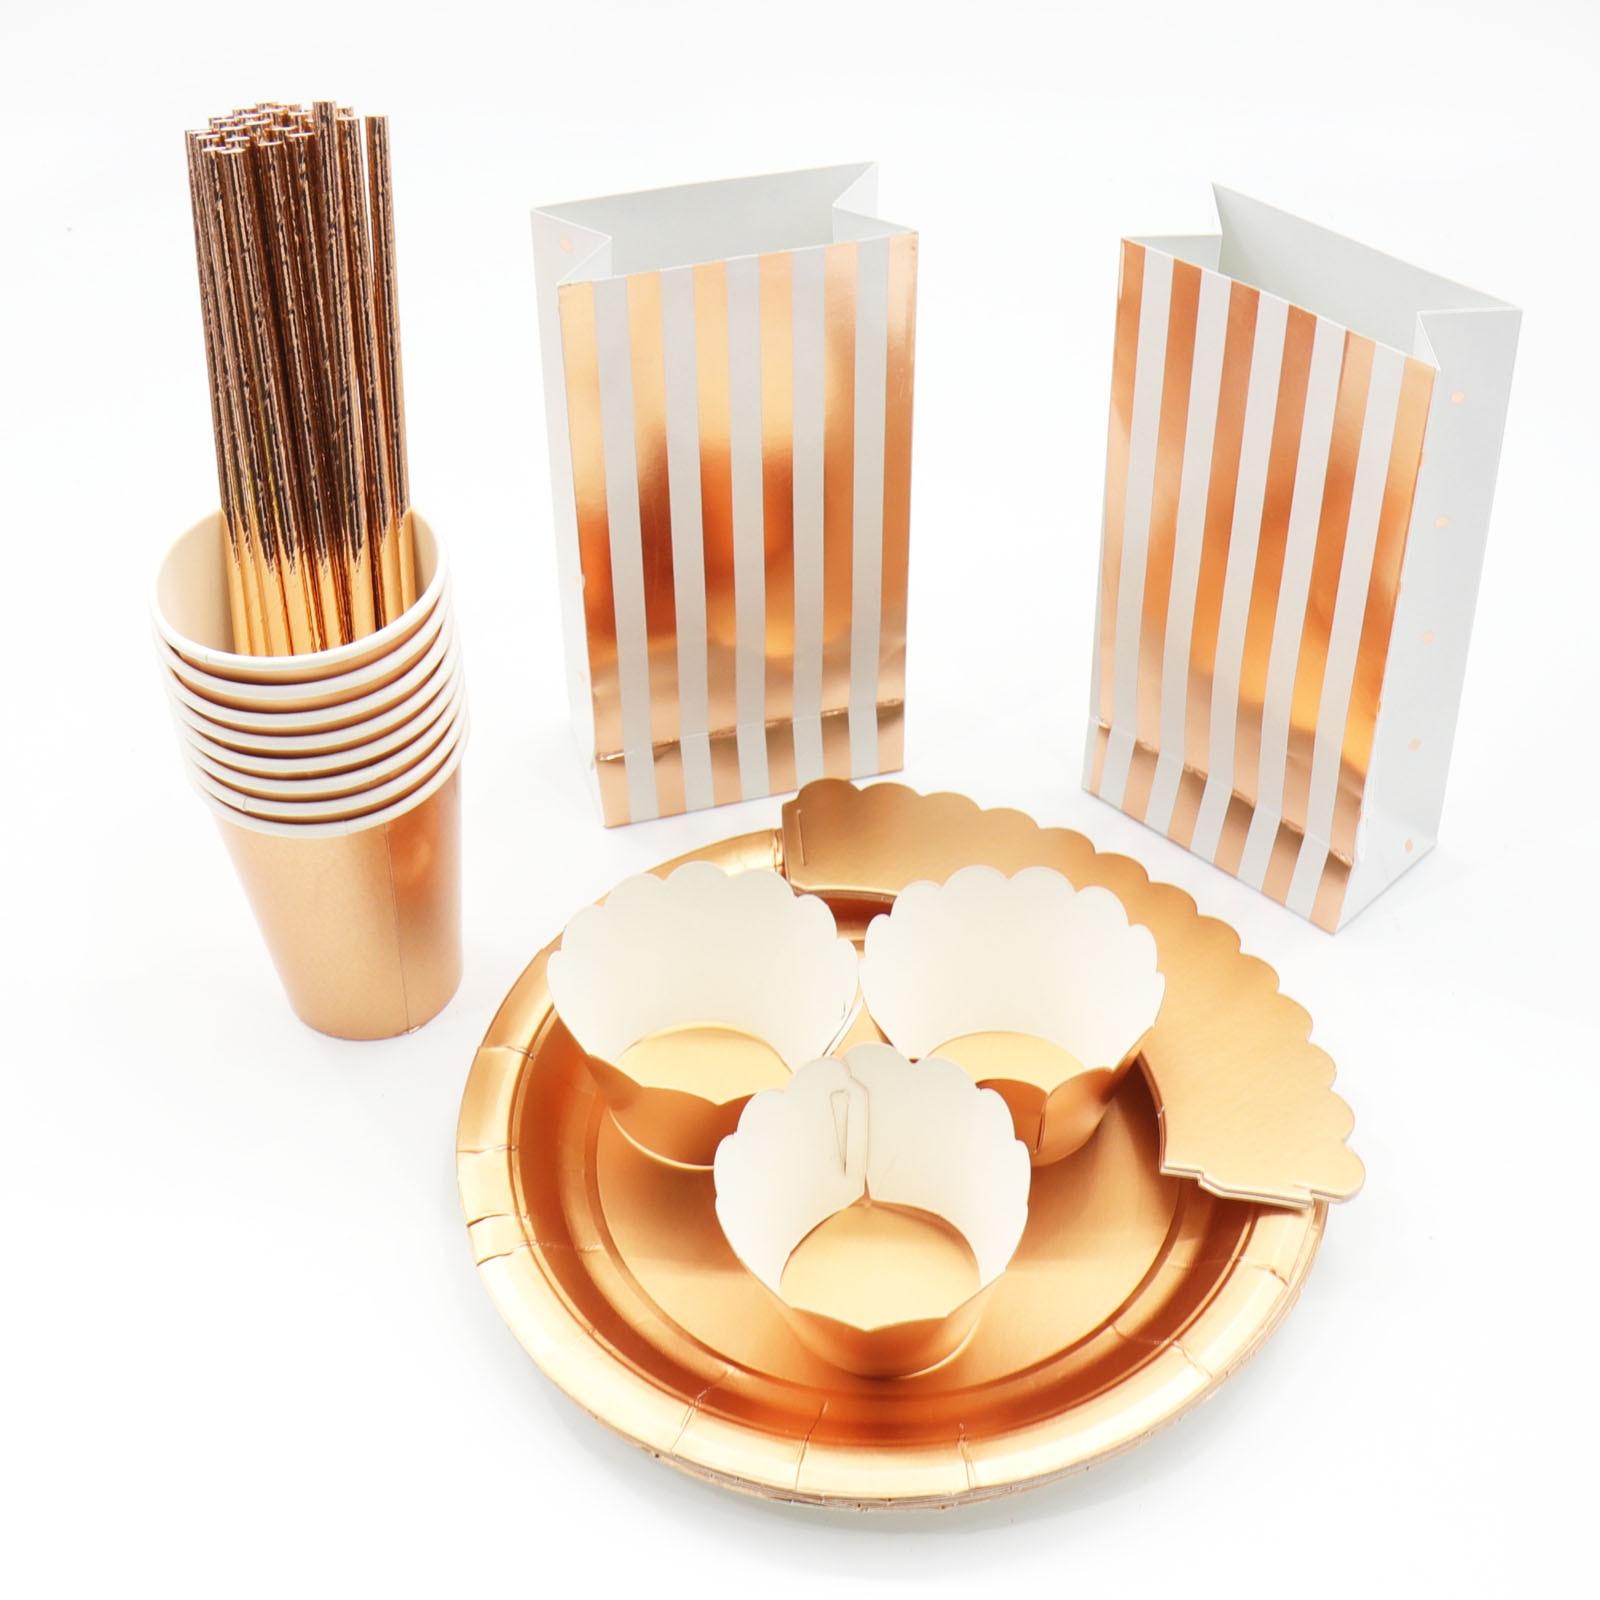 Verjaardag Bruiloft Decoraties Hot stamping Goud Roze Papier Streep Papier Cup Plaat Vlag Voor kids Baby Shower Jongen Meisje gift 2